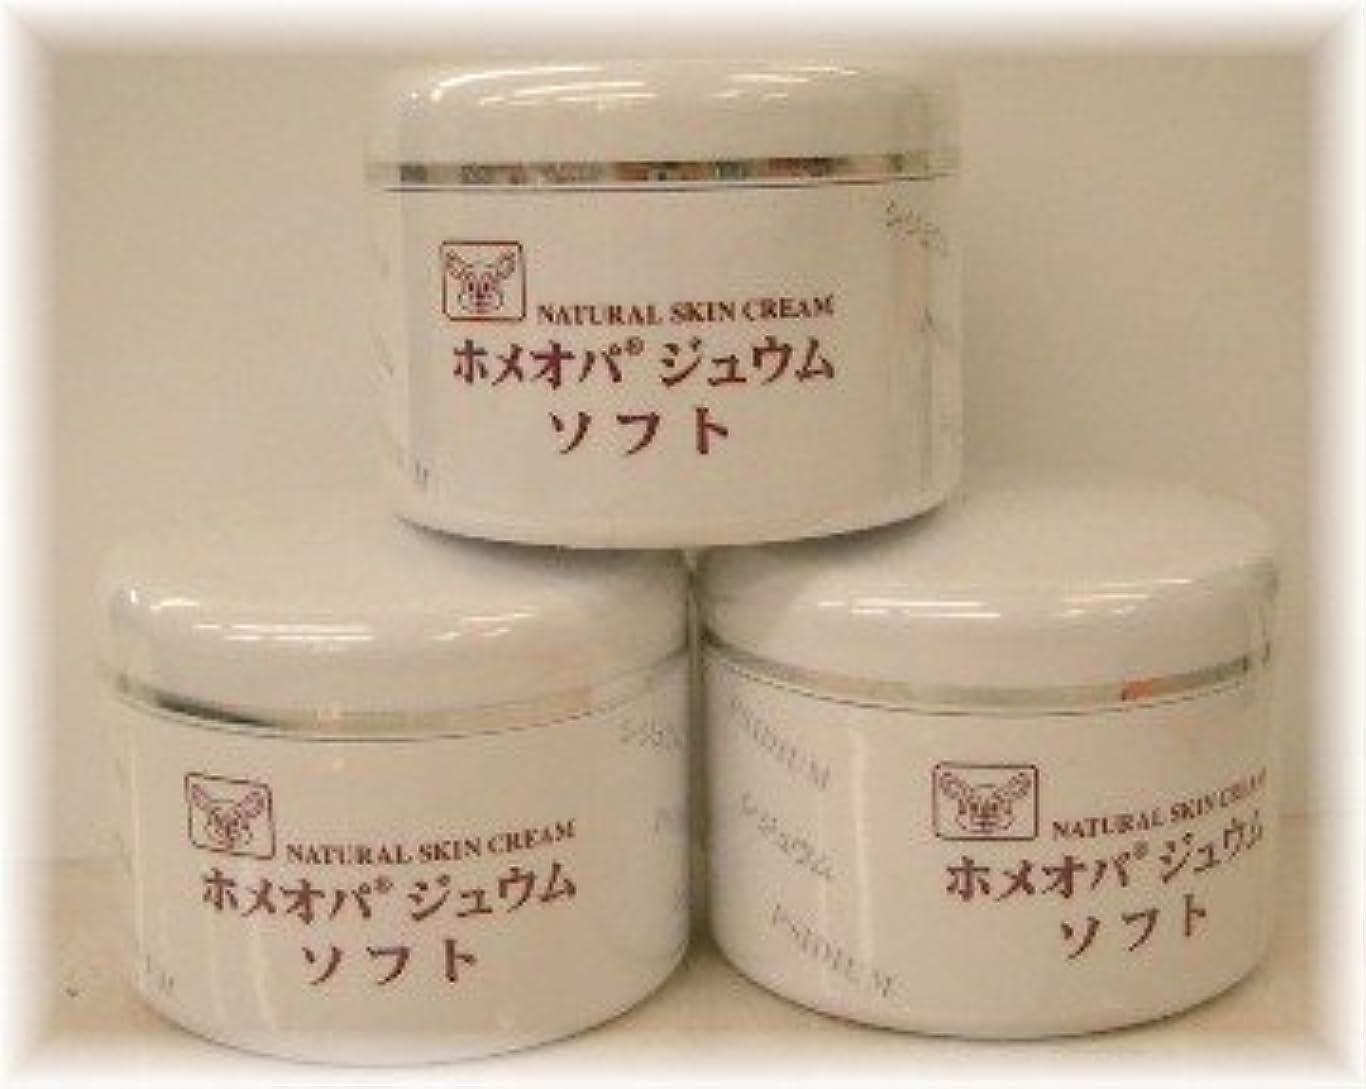 有用ブリリアントフラップホメオパジュウム スキンケア商品3点¥10500クリームソフトx3個